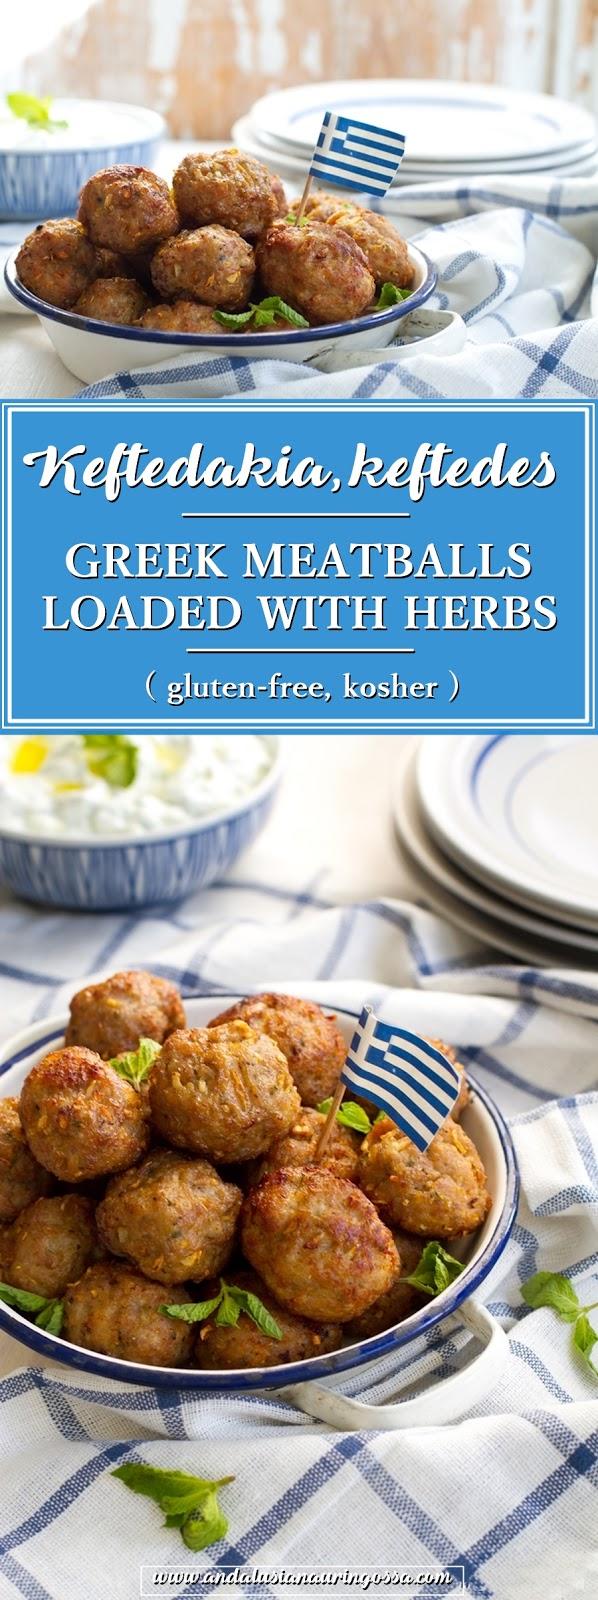 keftedes_keftadakia_kreikkalaiset yrttiset lammaslihapullat_Andalusian auringossa_ruokablogi_matkablogi_gluteeniton, kosher_PINTEREST